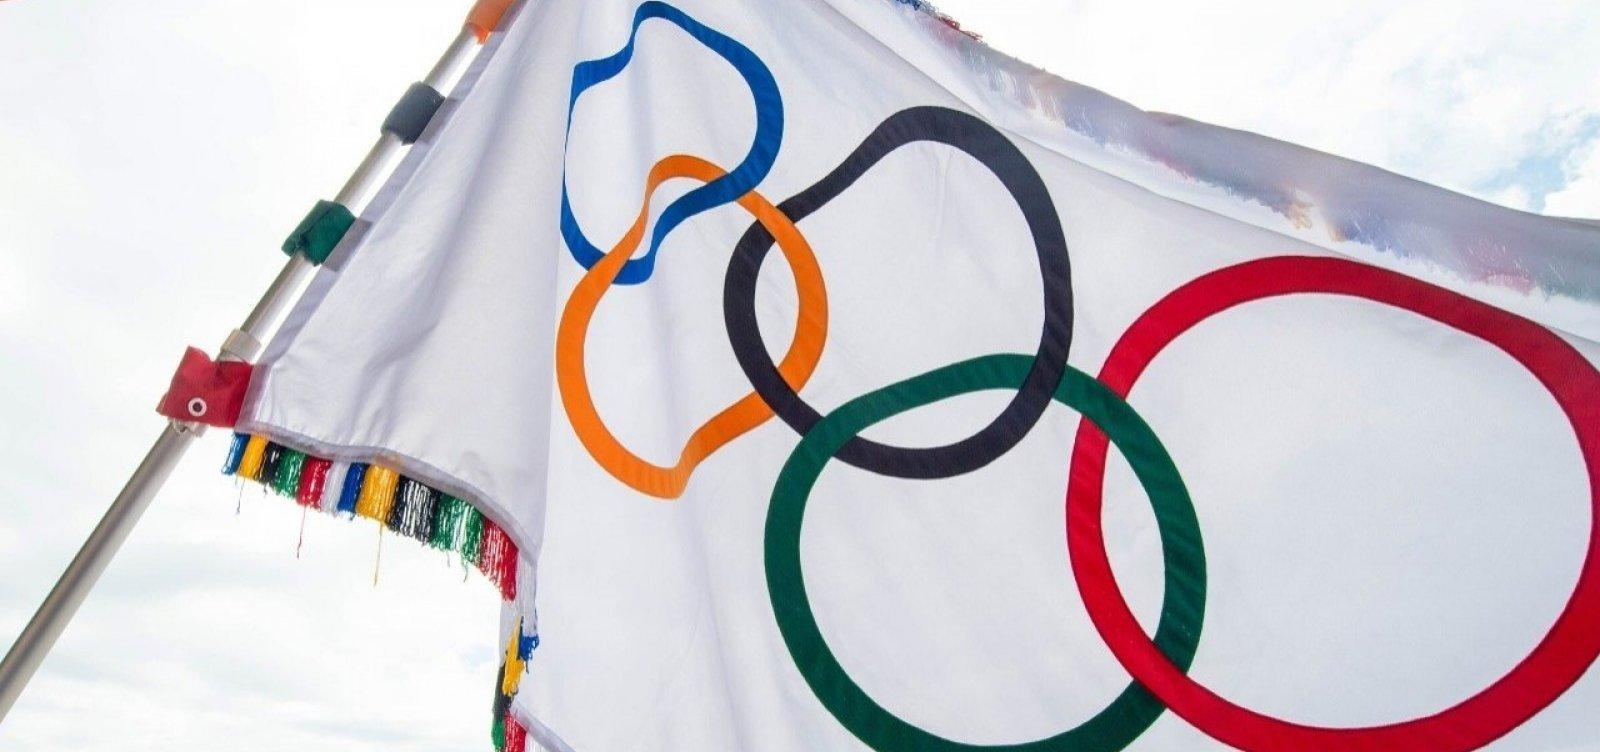 Mais de 70% dos japoneses não desejam realização das Olimpíadas neste momento